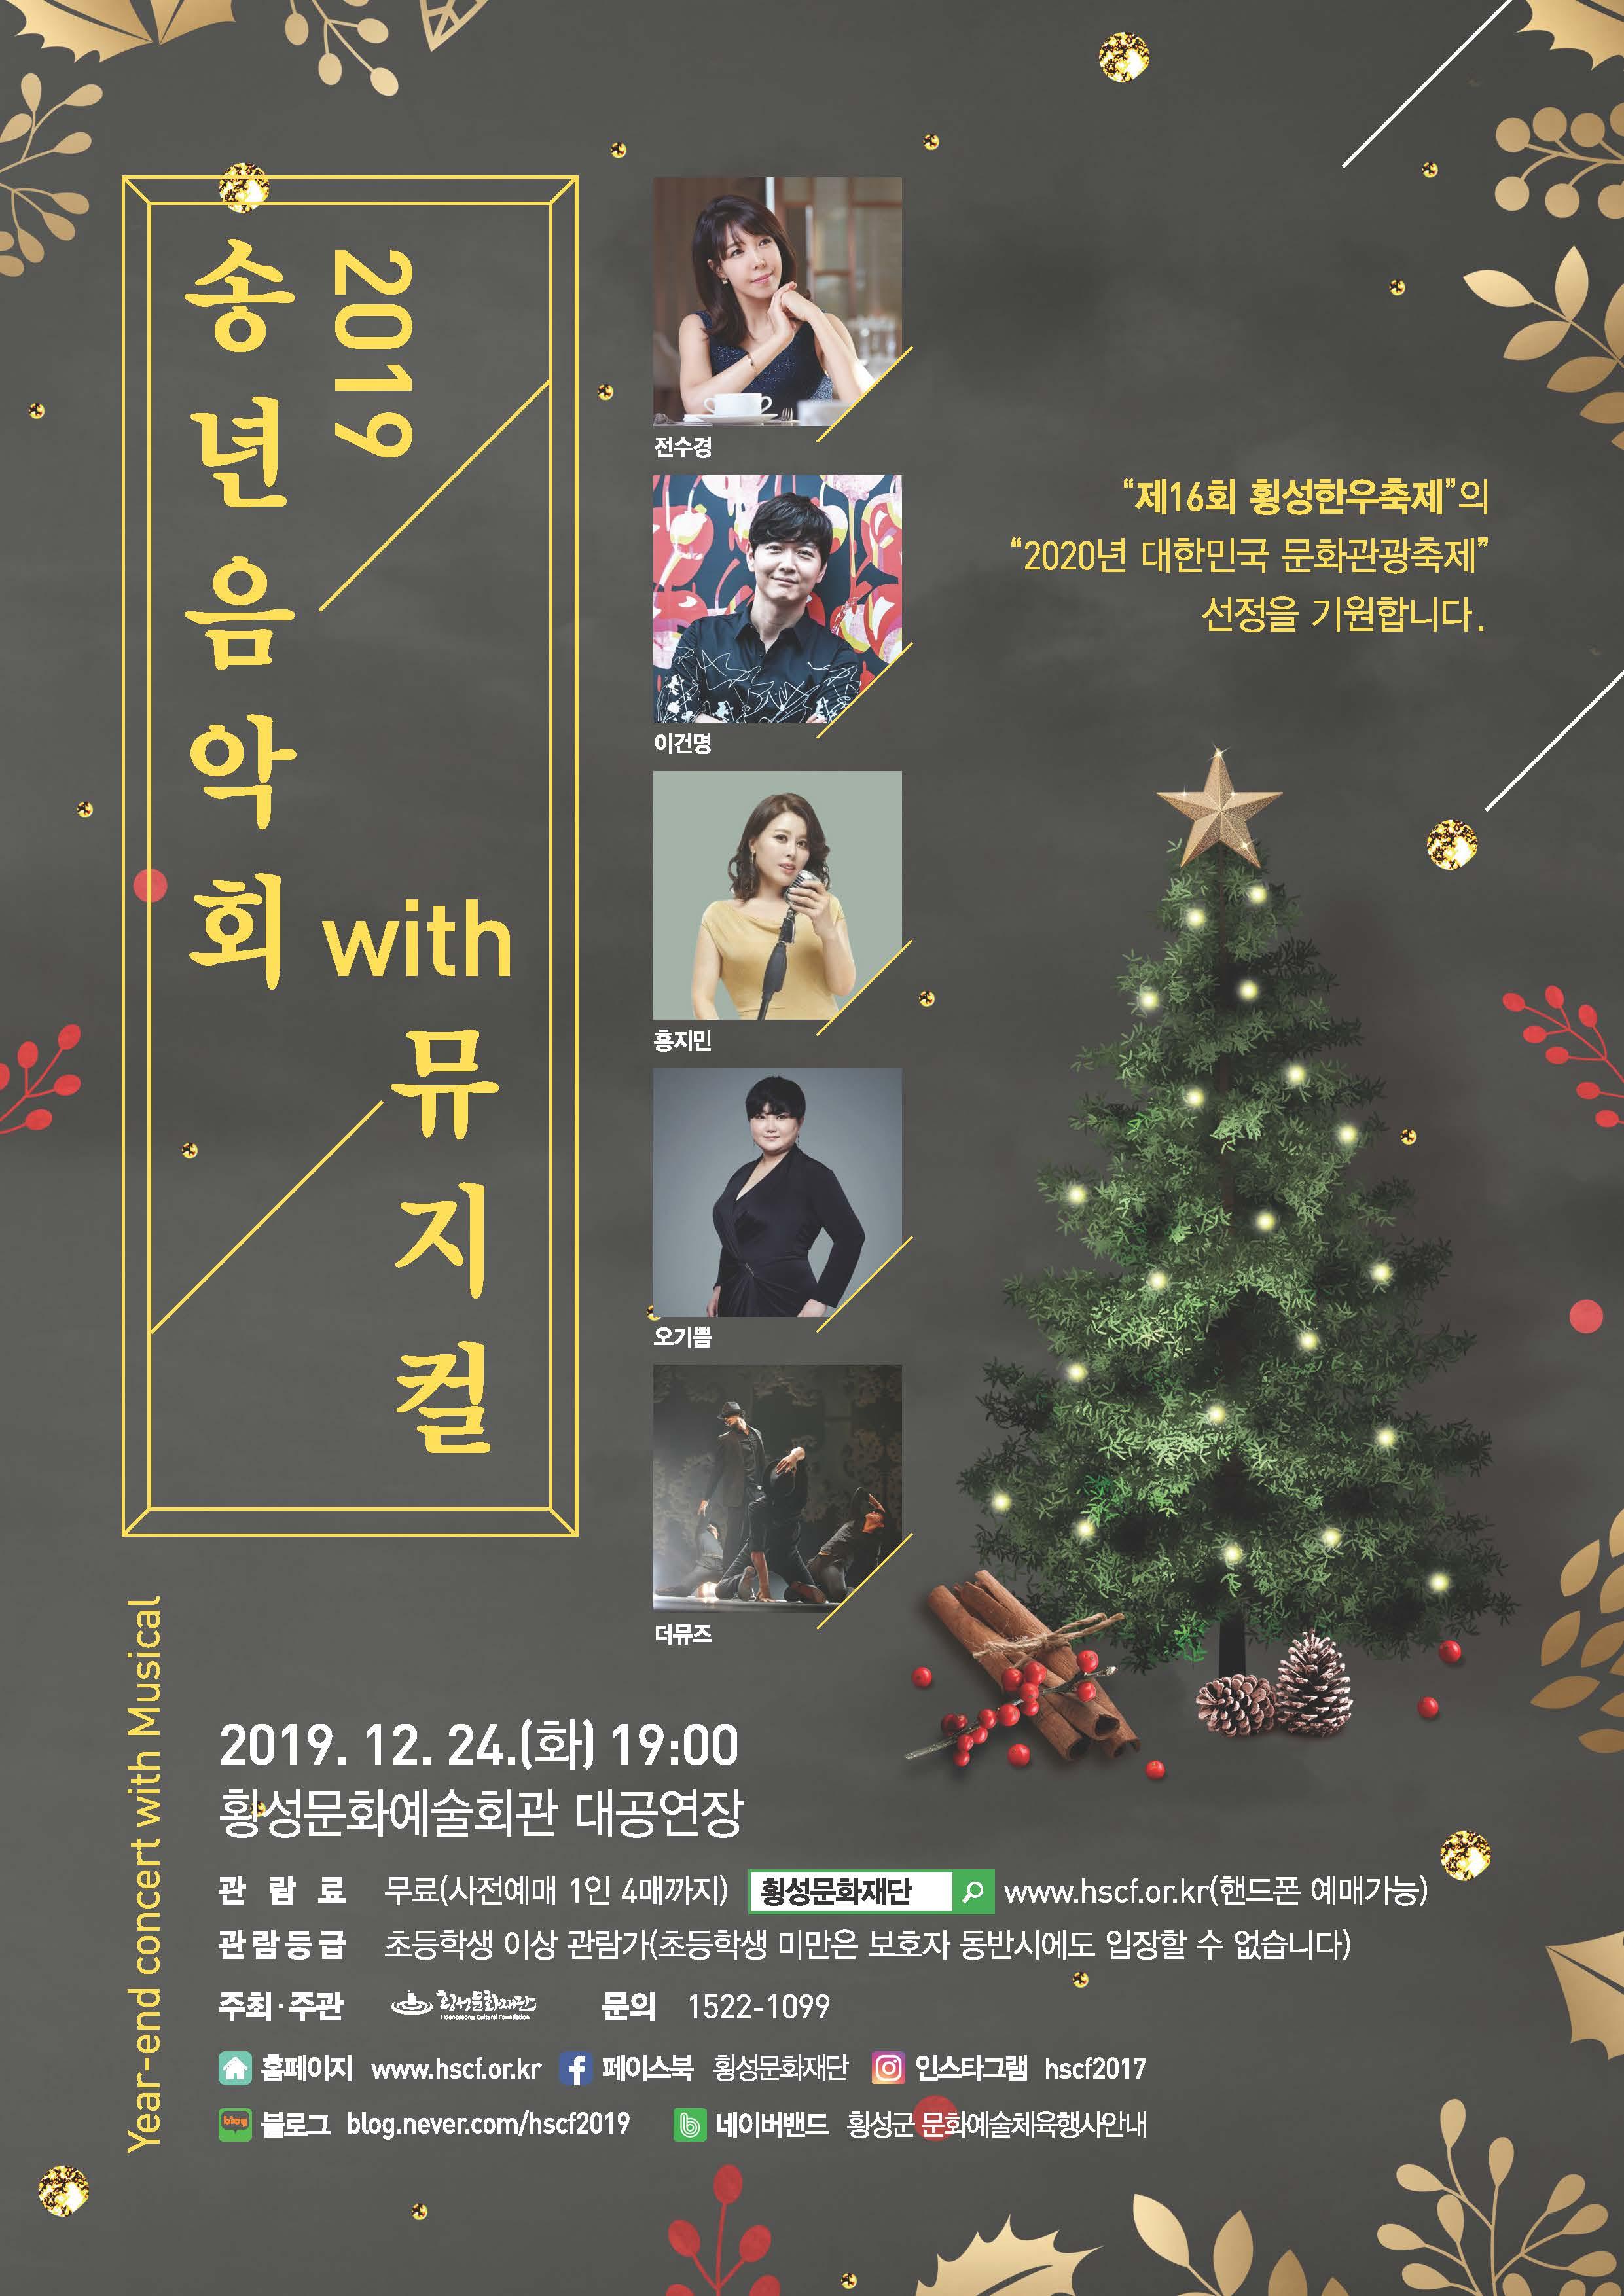 2019 송년음악회 with 뮤지컬